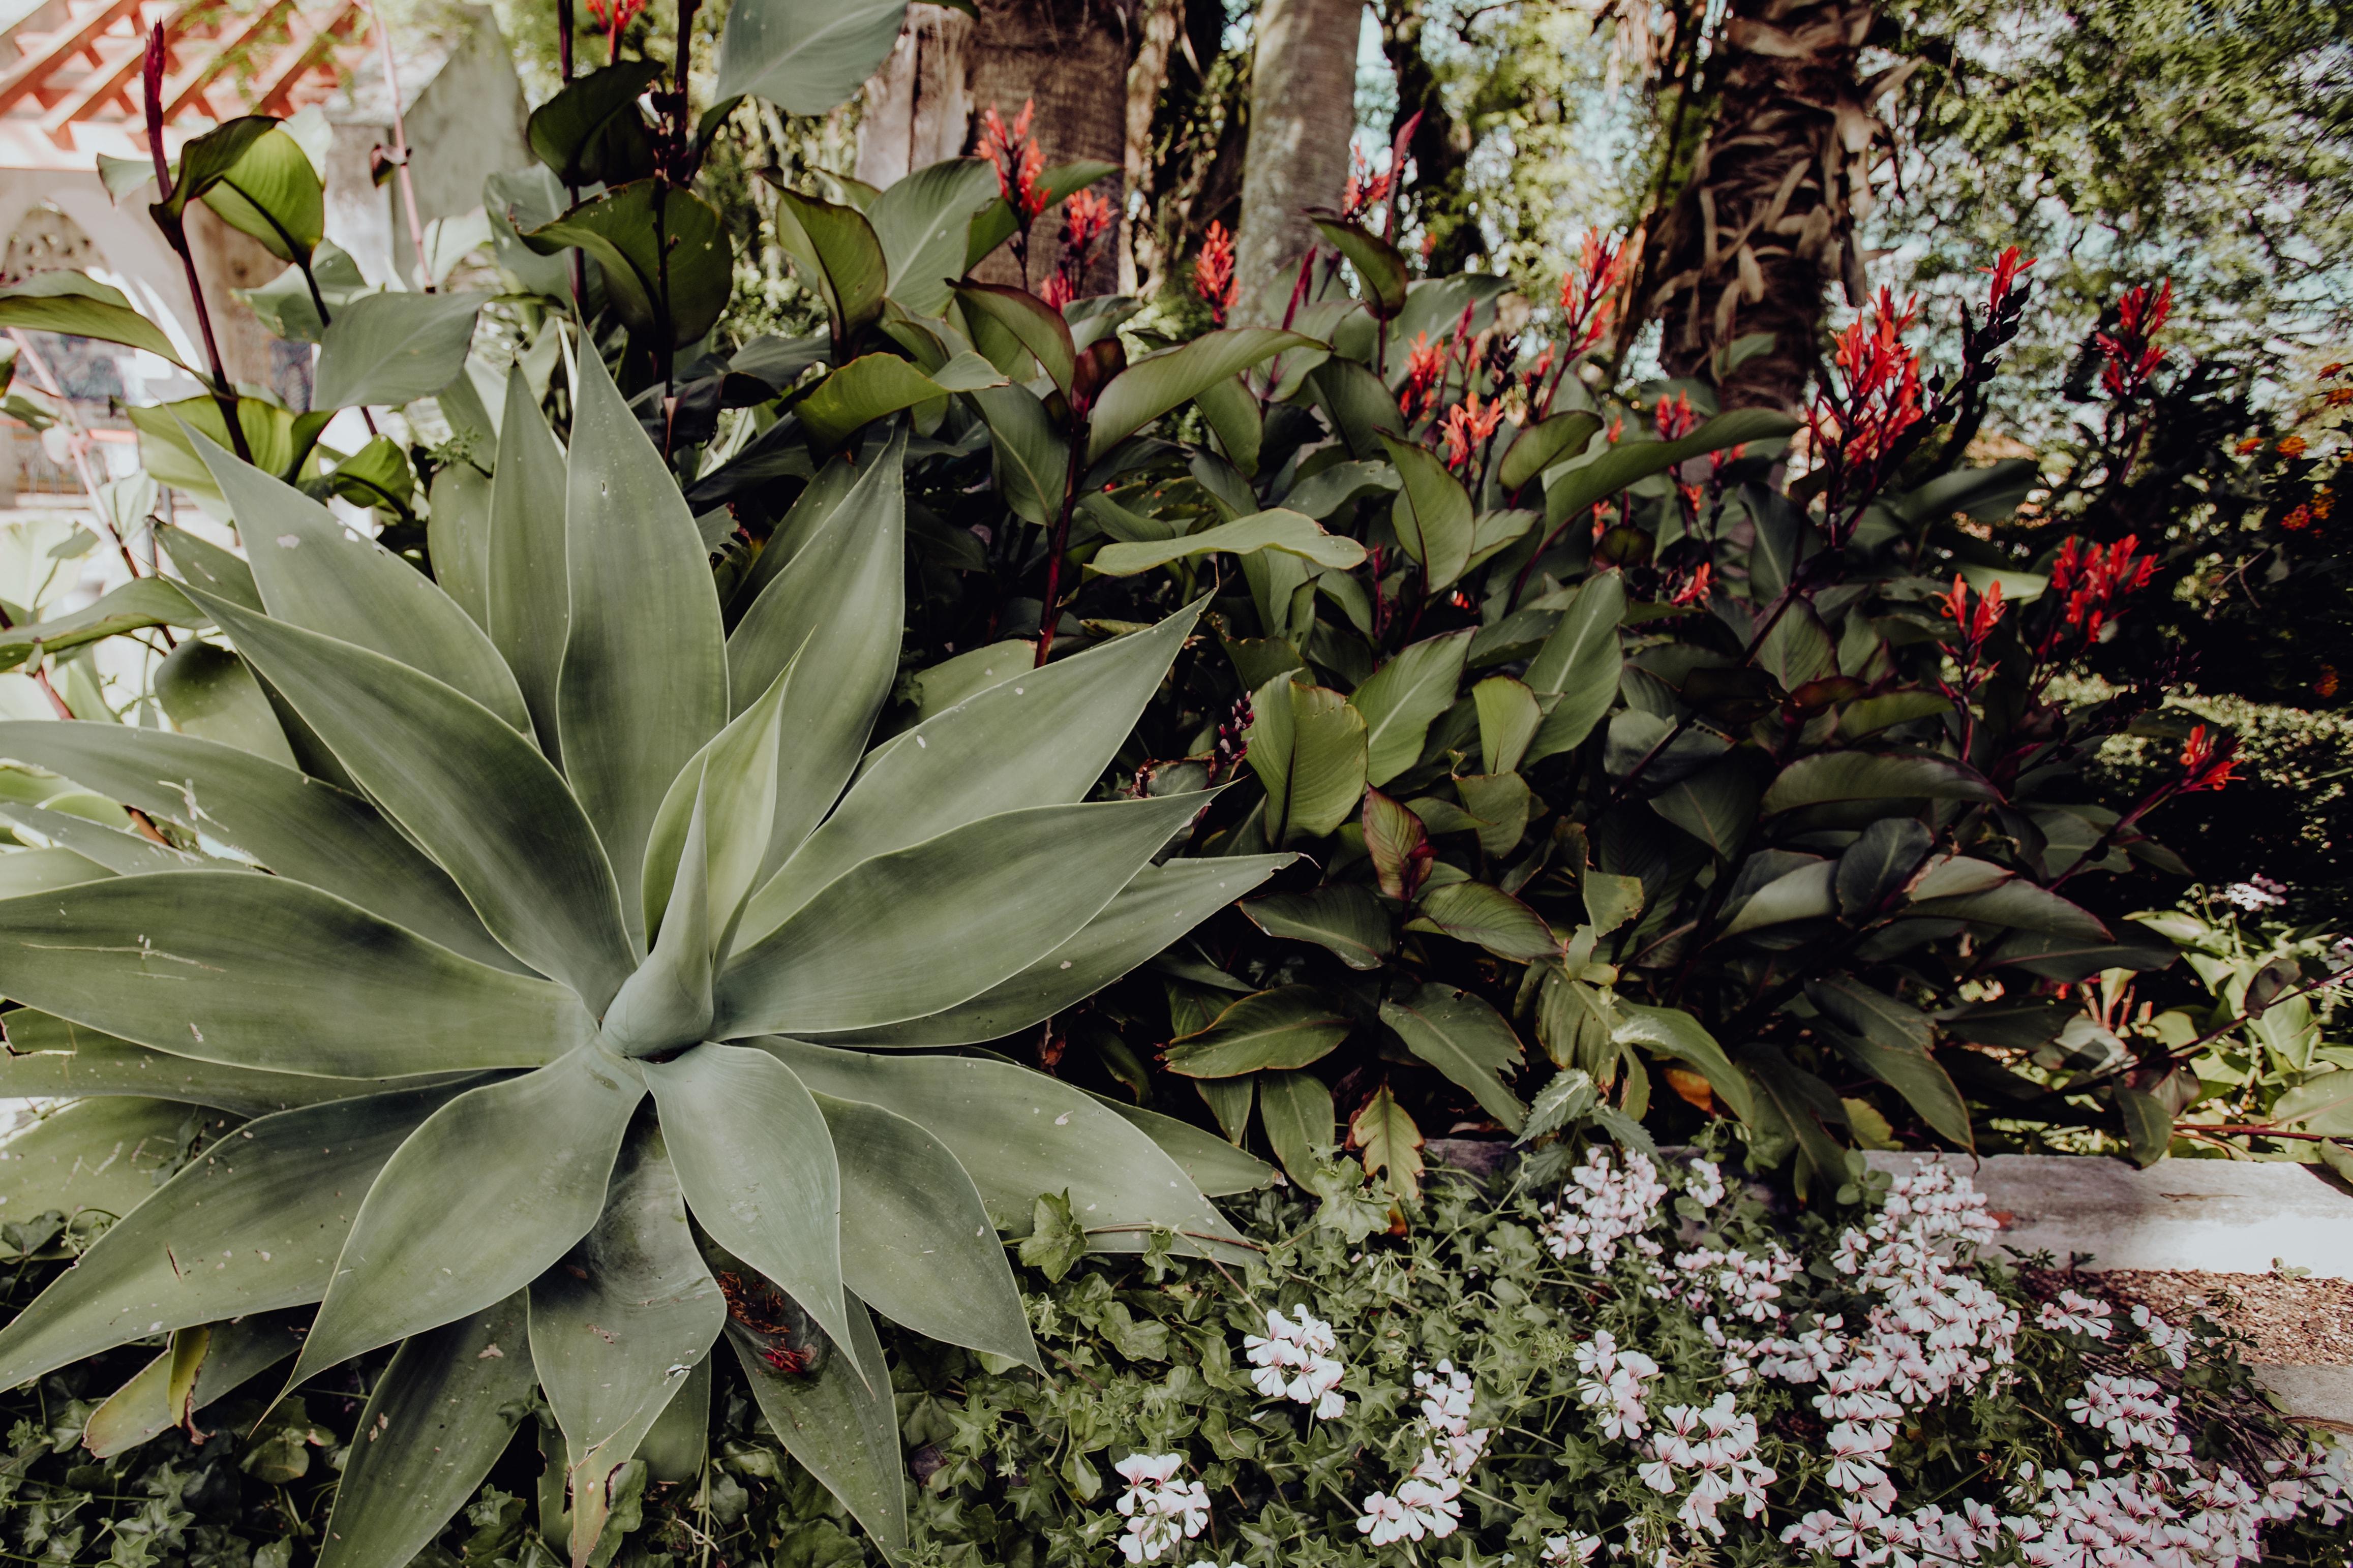 Tropical Botanical Garden in Belem, Lisbon, Portugal